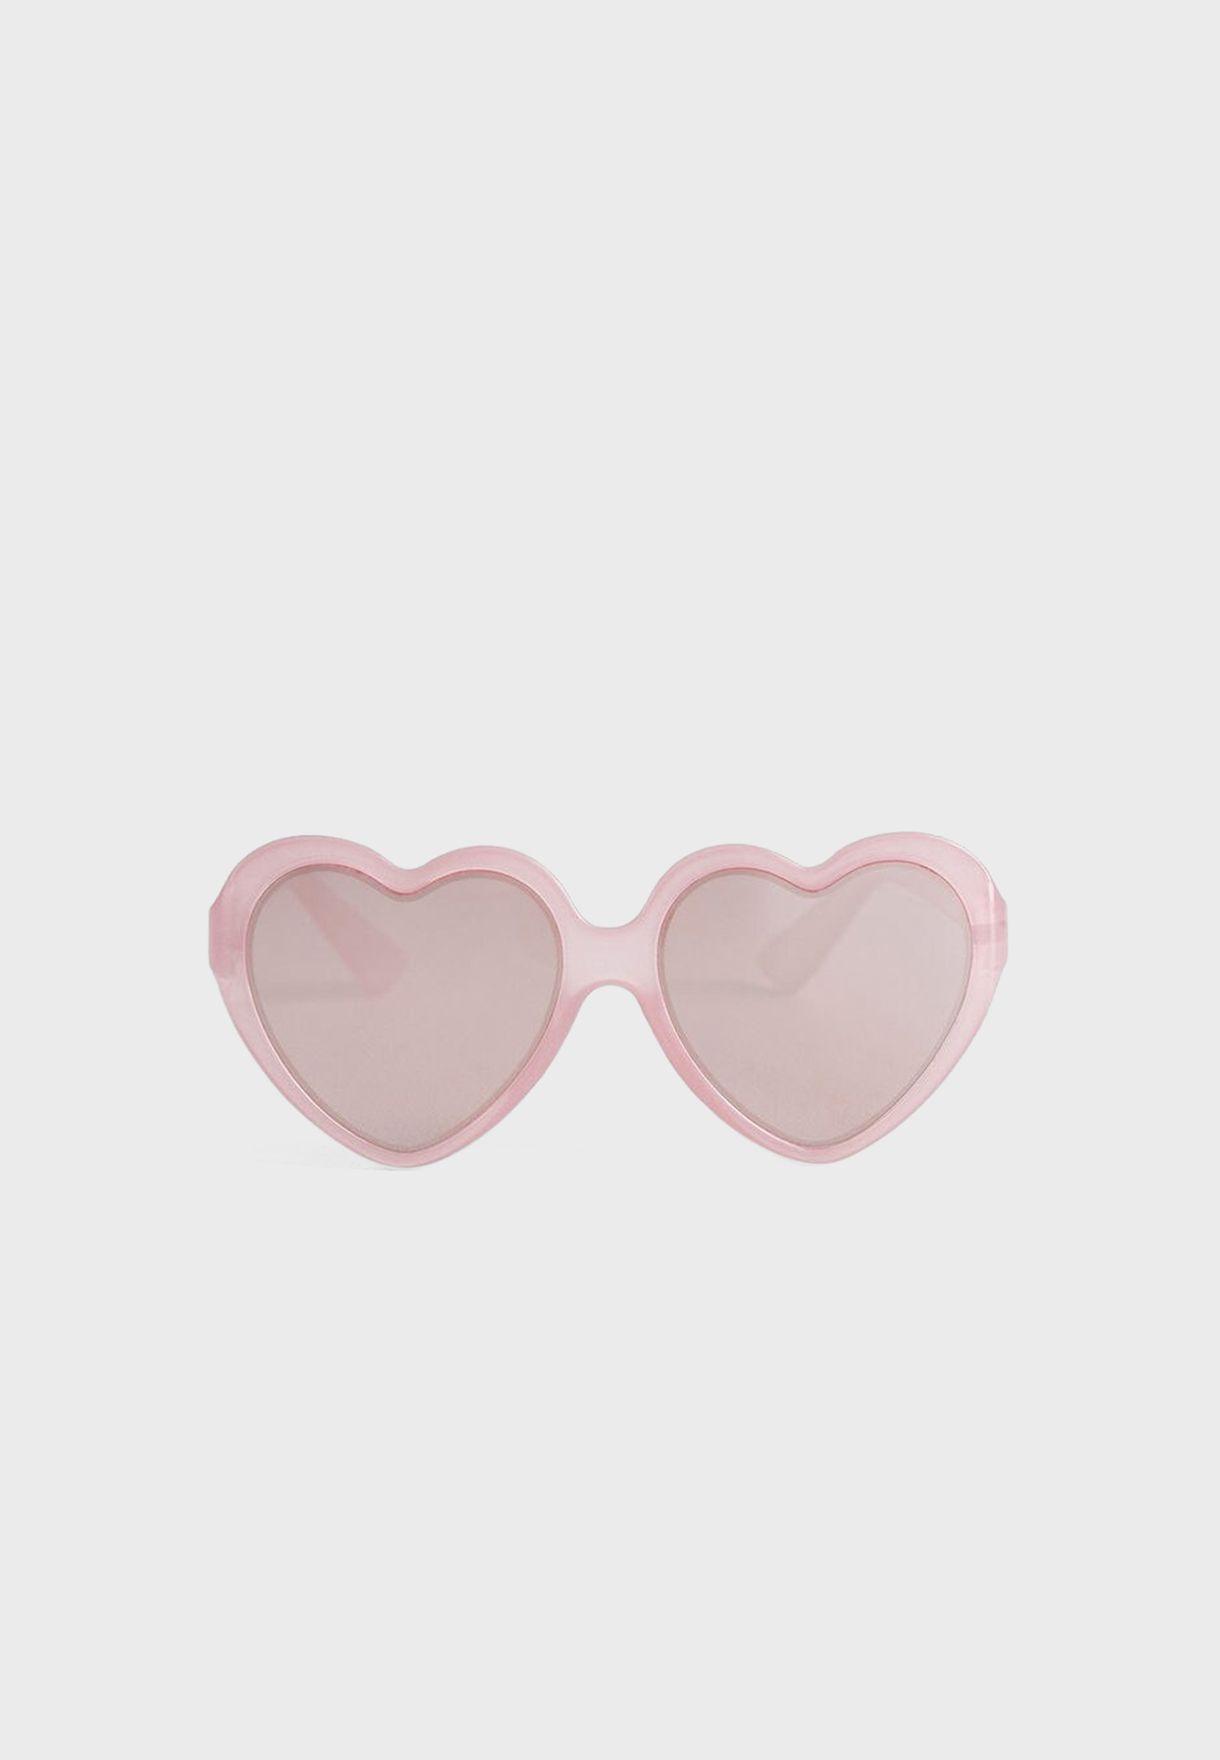 نظارة شمسية شكل قلب للاطفال